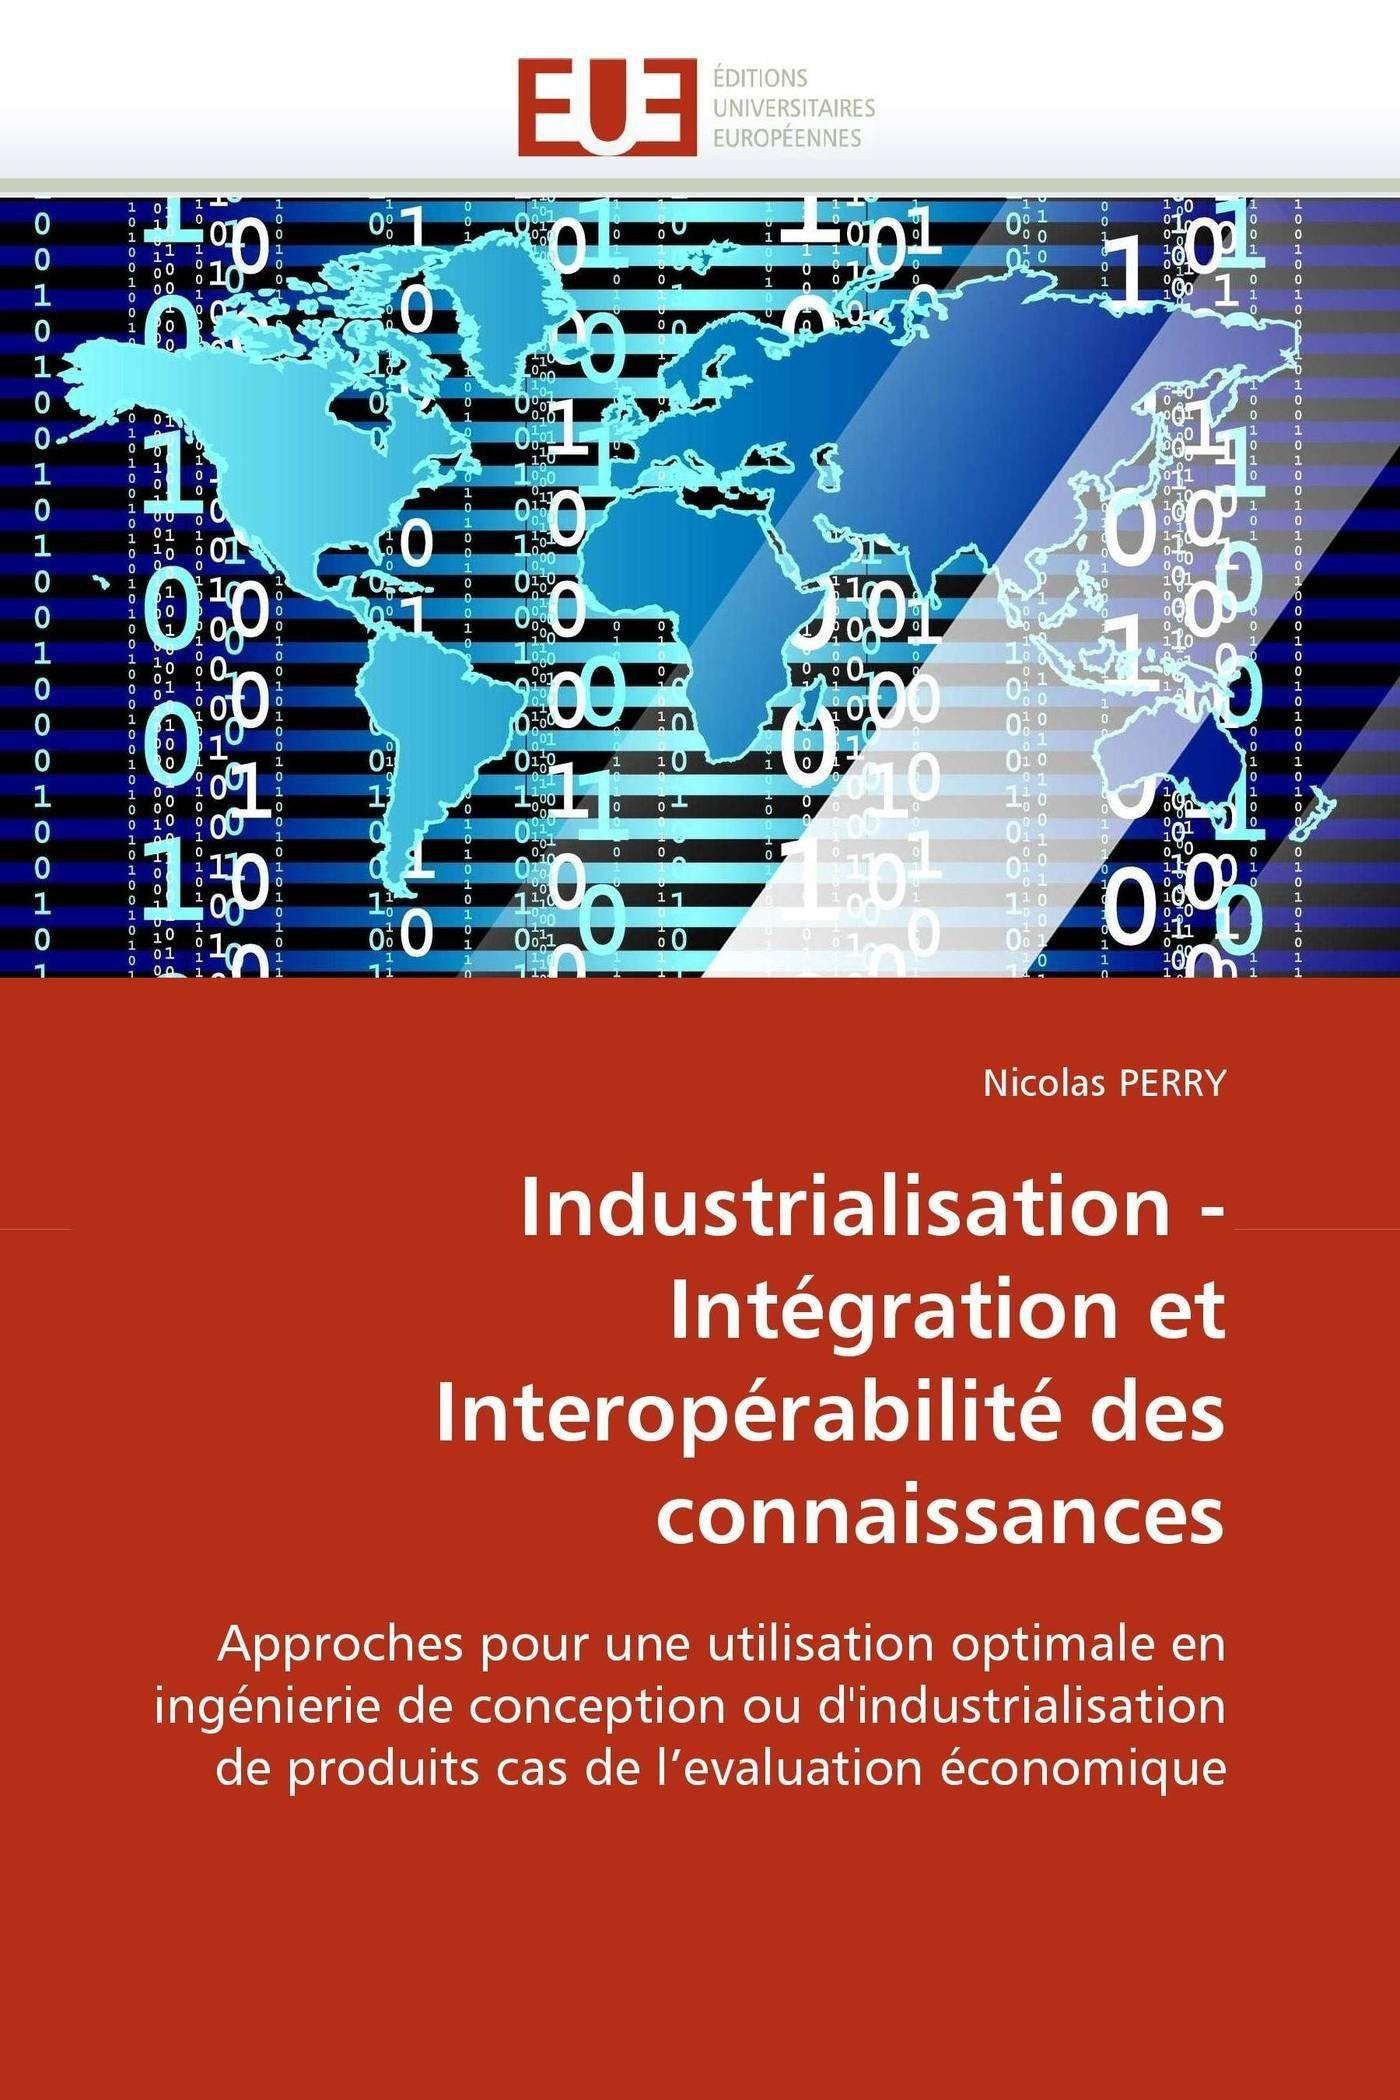 Industrialisation - Intégration et Interopérabilité des connaissances: Approches pour une utilisation optimale en ingénierie de conception ou ... économique (Omn.Univ.Europ.) (French Edition) pdf epub